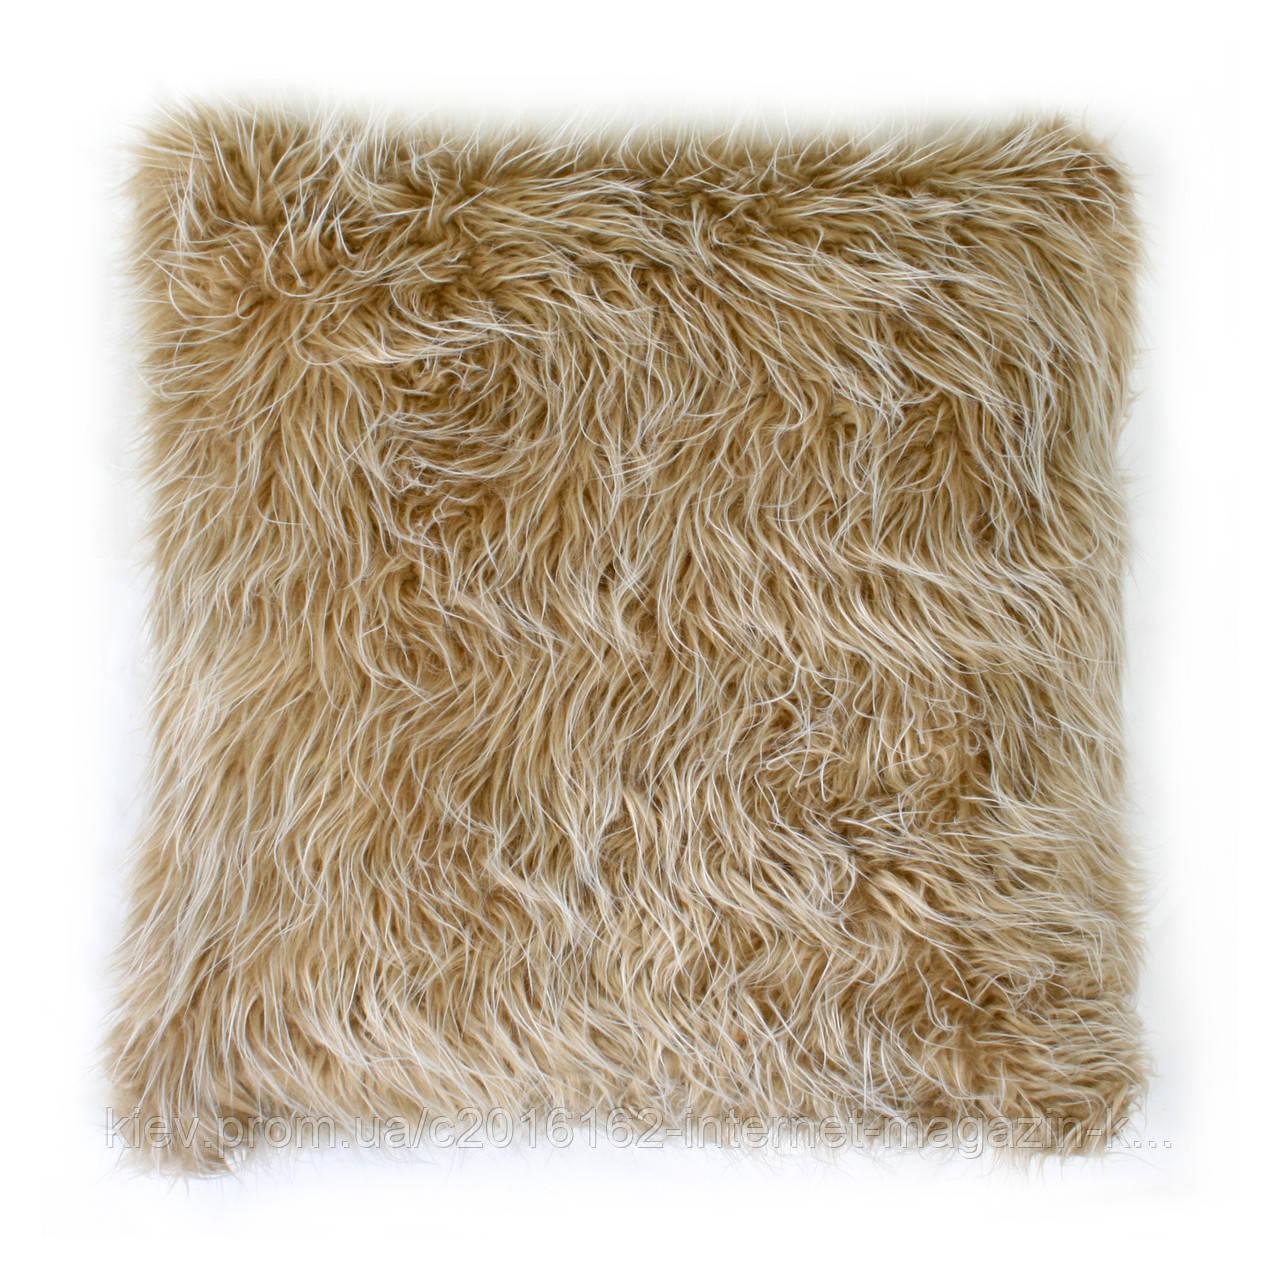 Подушка для дивана Home4You TREND  50x50 cm  бежевая с длинным ворсом